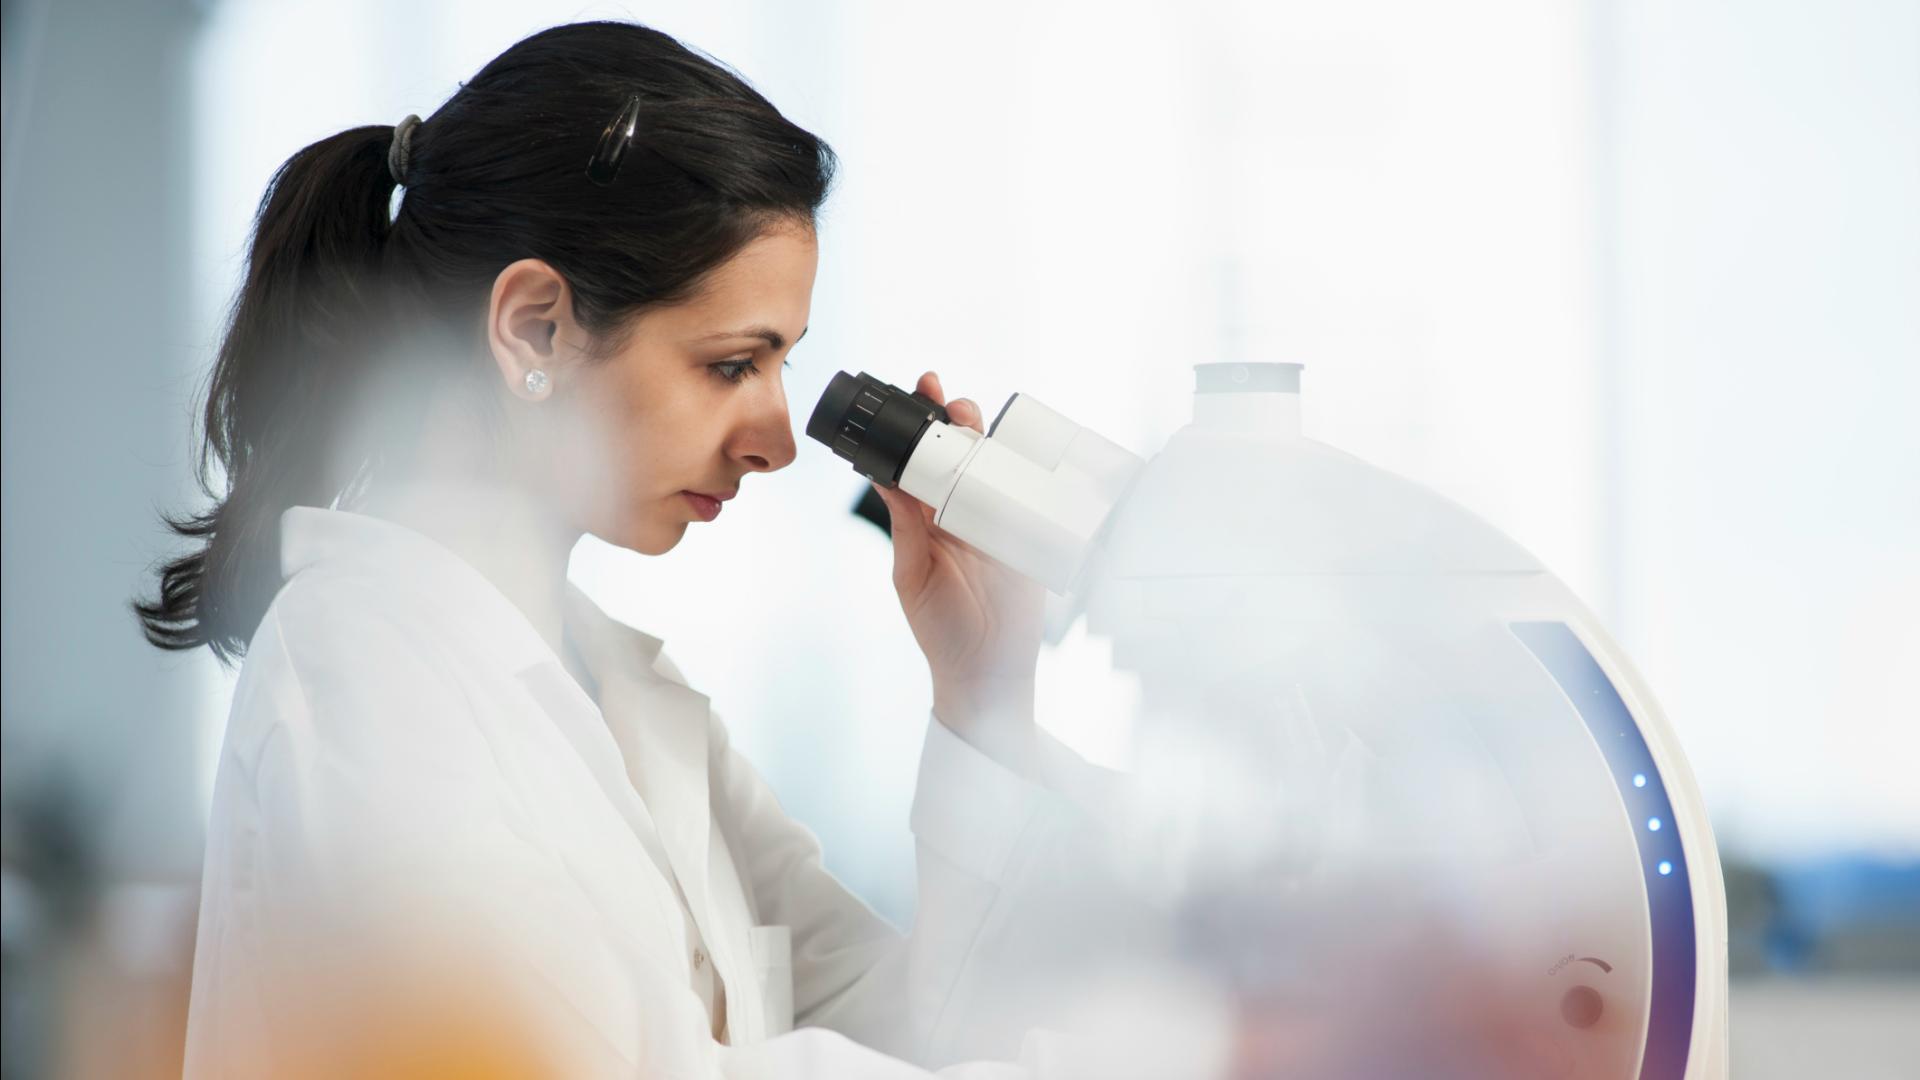 這個女生成為全世界首位接受「最新癌症疫苗」的癌末病患。這就是你需要知道的重要資訊!